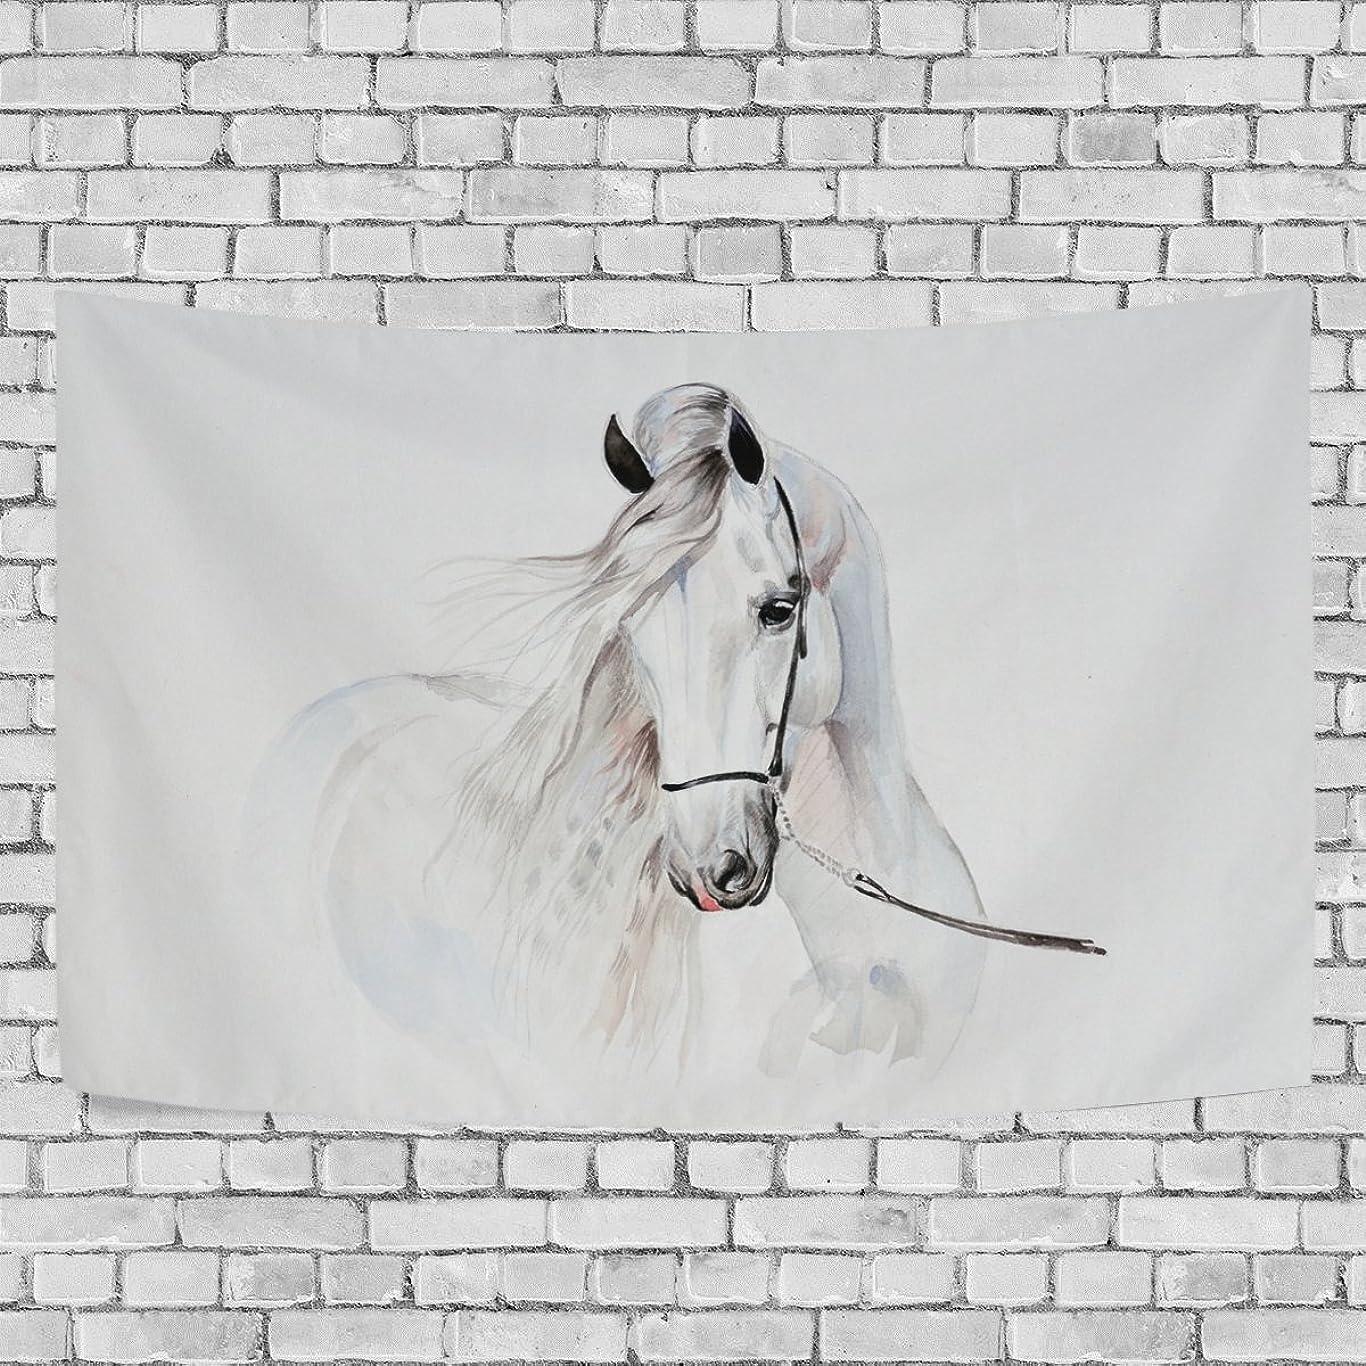 タバコシェトランド諸島酸っぱいVAWA タペストリー 壁掛け おしゃれ かわいい 馬柄 白 絵柄 インテリア 室内装飾 間仕切り ホーム装飾 模様替え 多機能 部屋 窓 大判 約幅203x152cm